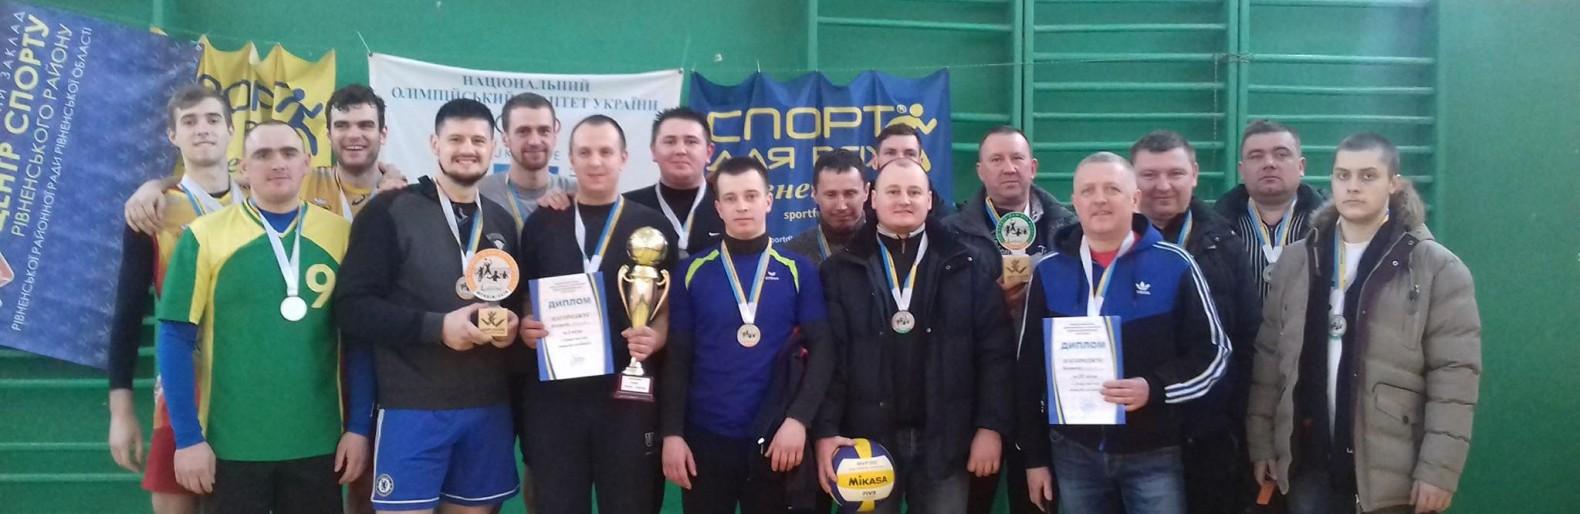 turnir-pamyati-vchiteliv-2018.jpg (177.09 Kb)